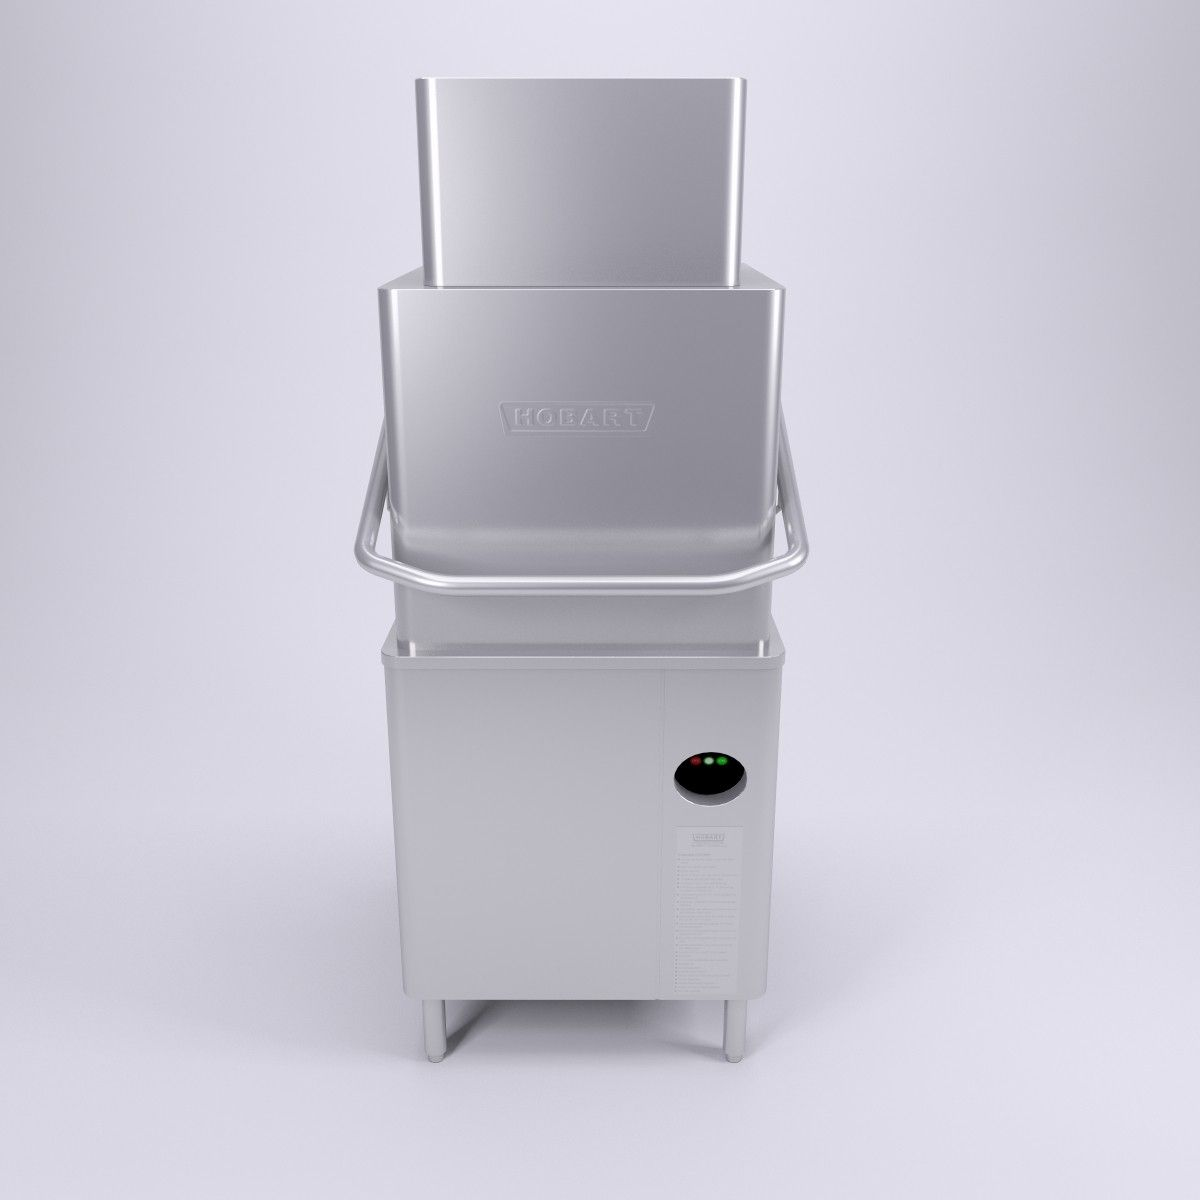 3D Hobart Dishwasher - 3D Model | 3D-Modeling | Pinterest | Hobart ...